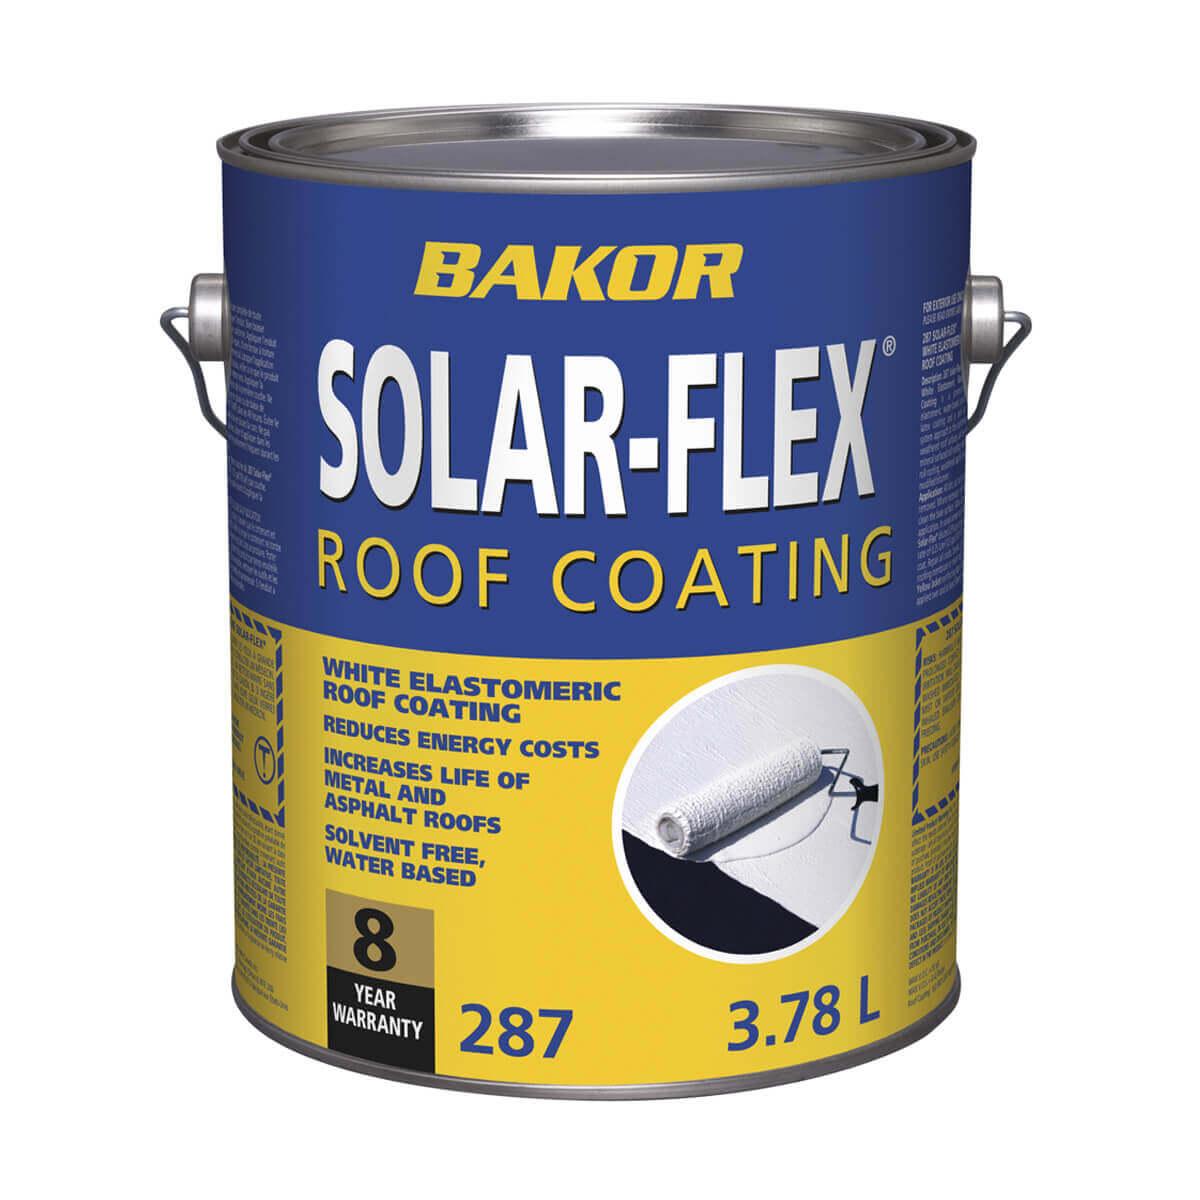 Bakor Solar-Flex Roof Coating - 3.78 L